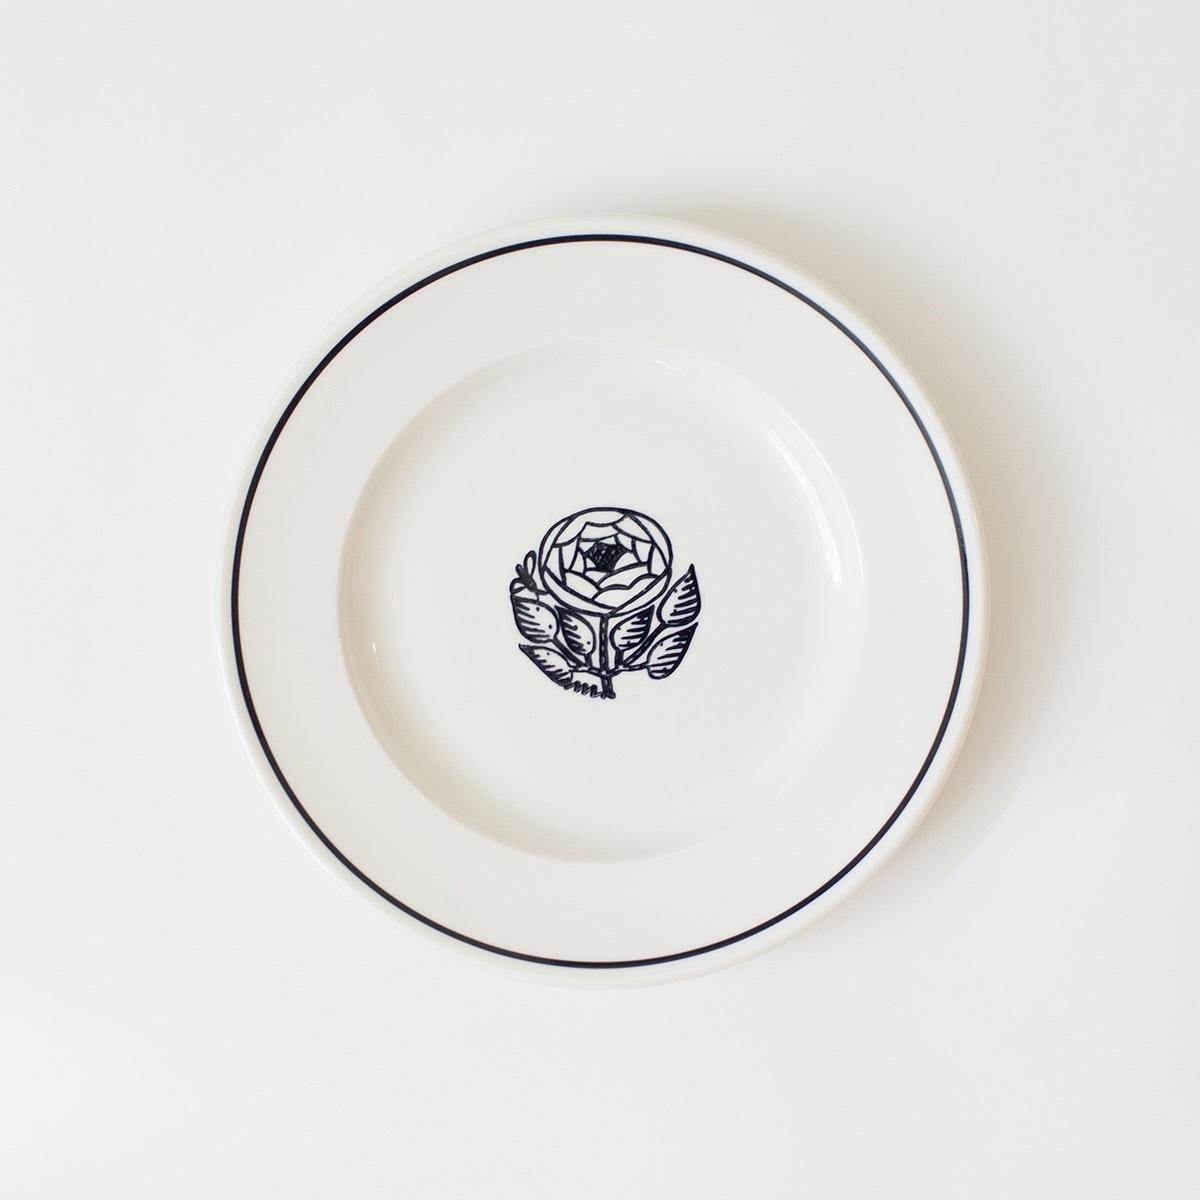 【鹿児島睦(かごしままこと)×John Julian(ジョン・ジュリアン)】 サイドプレート 21cm (バラ)